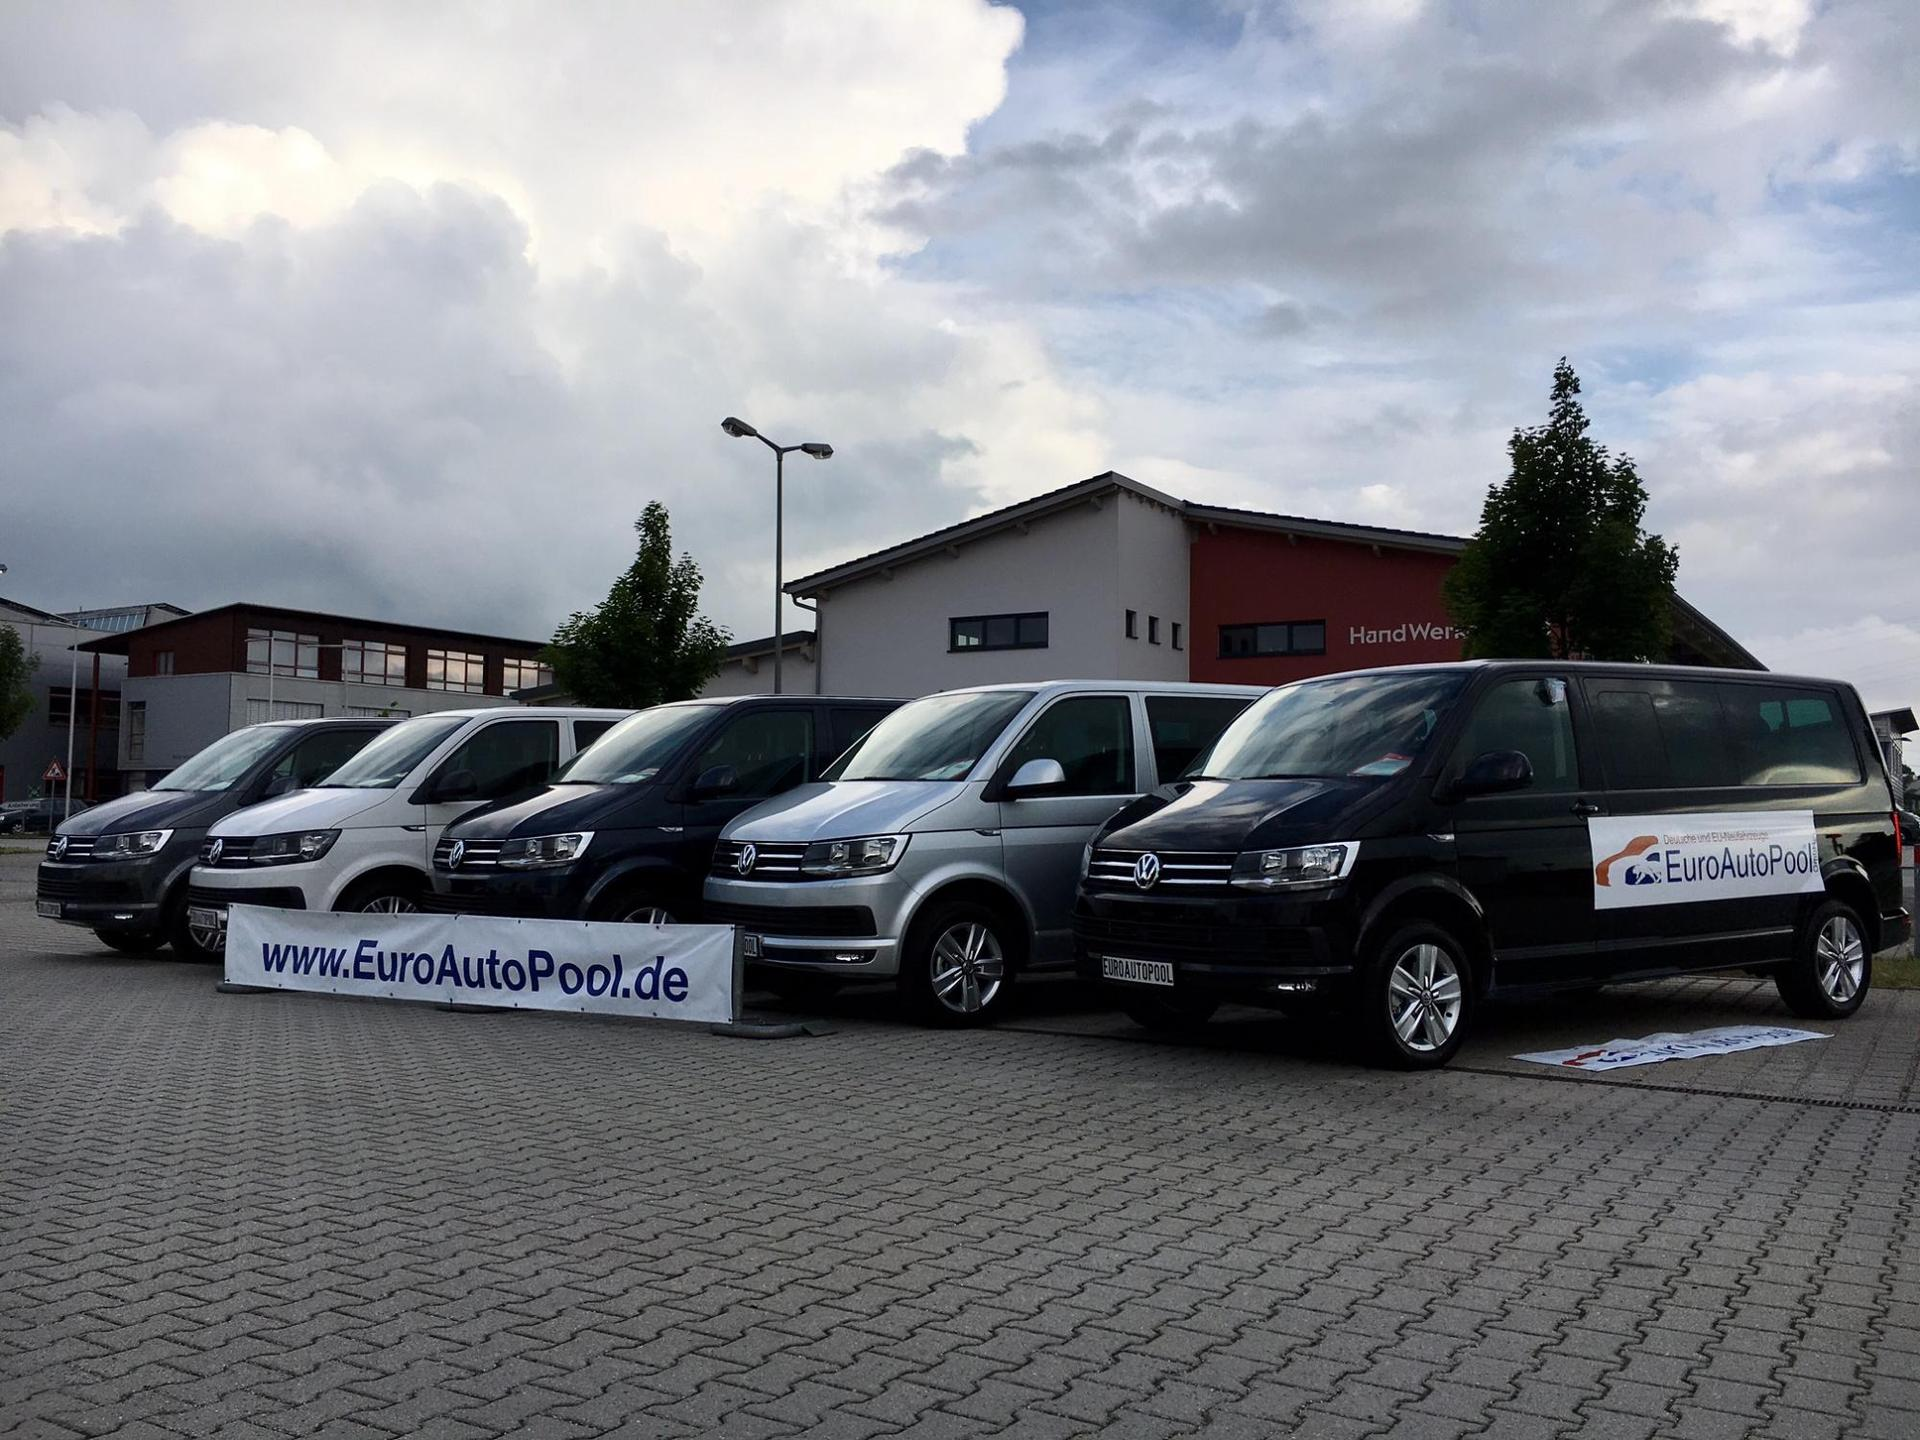 EuroAutoPool - Deutsche und EU-Neufahrzeuge - Wir liefern preiswerte deutsche Neuwagen, EU-Fahrzeuge und Reimport-Autos und bieten Ihnen dazu günstige, maßgerechte Finanzierungen sowie Leasing an